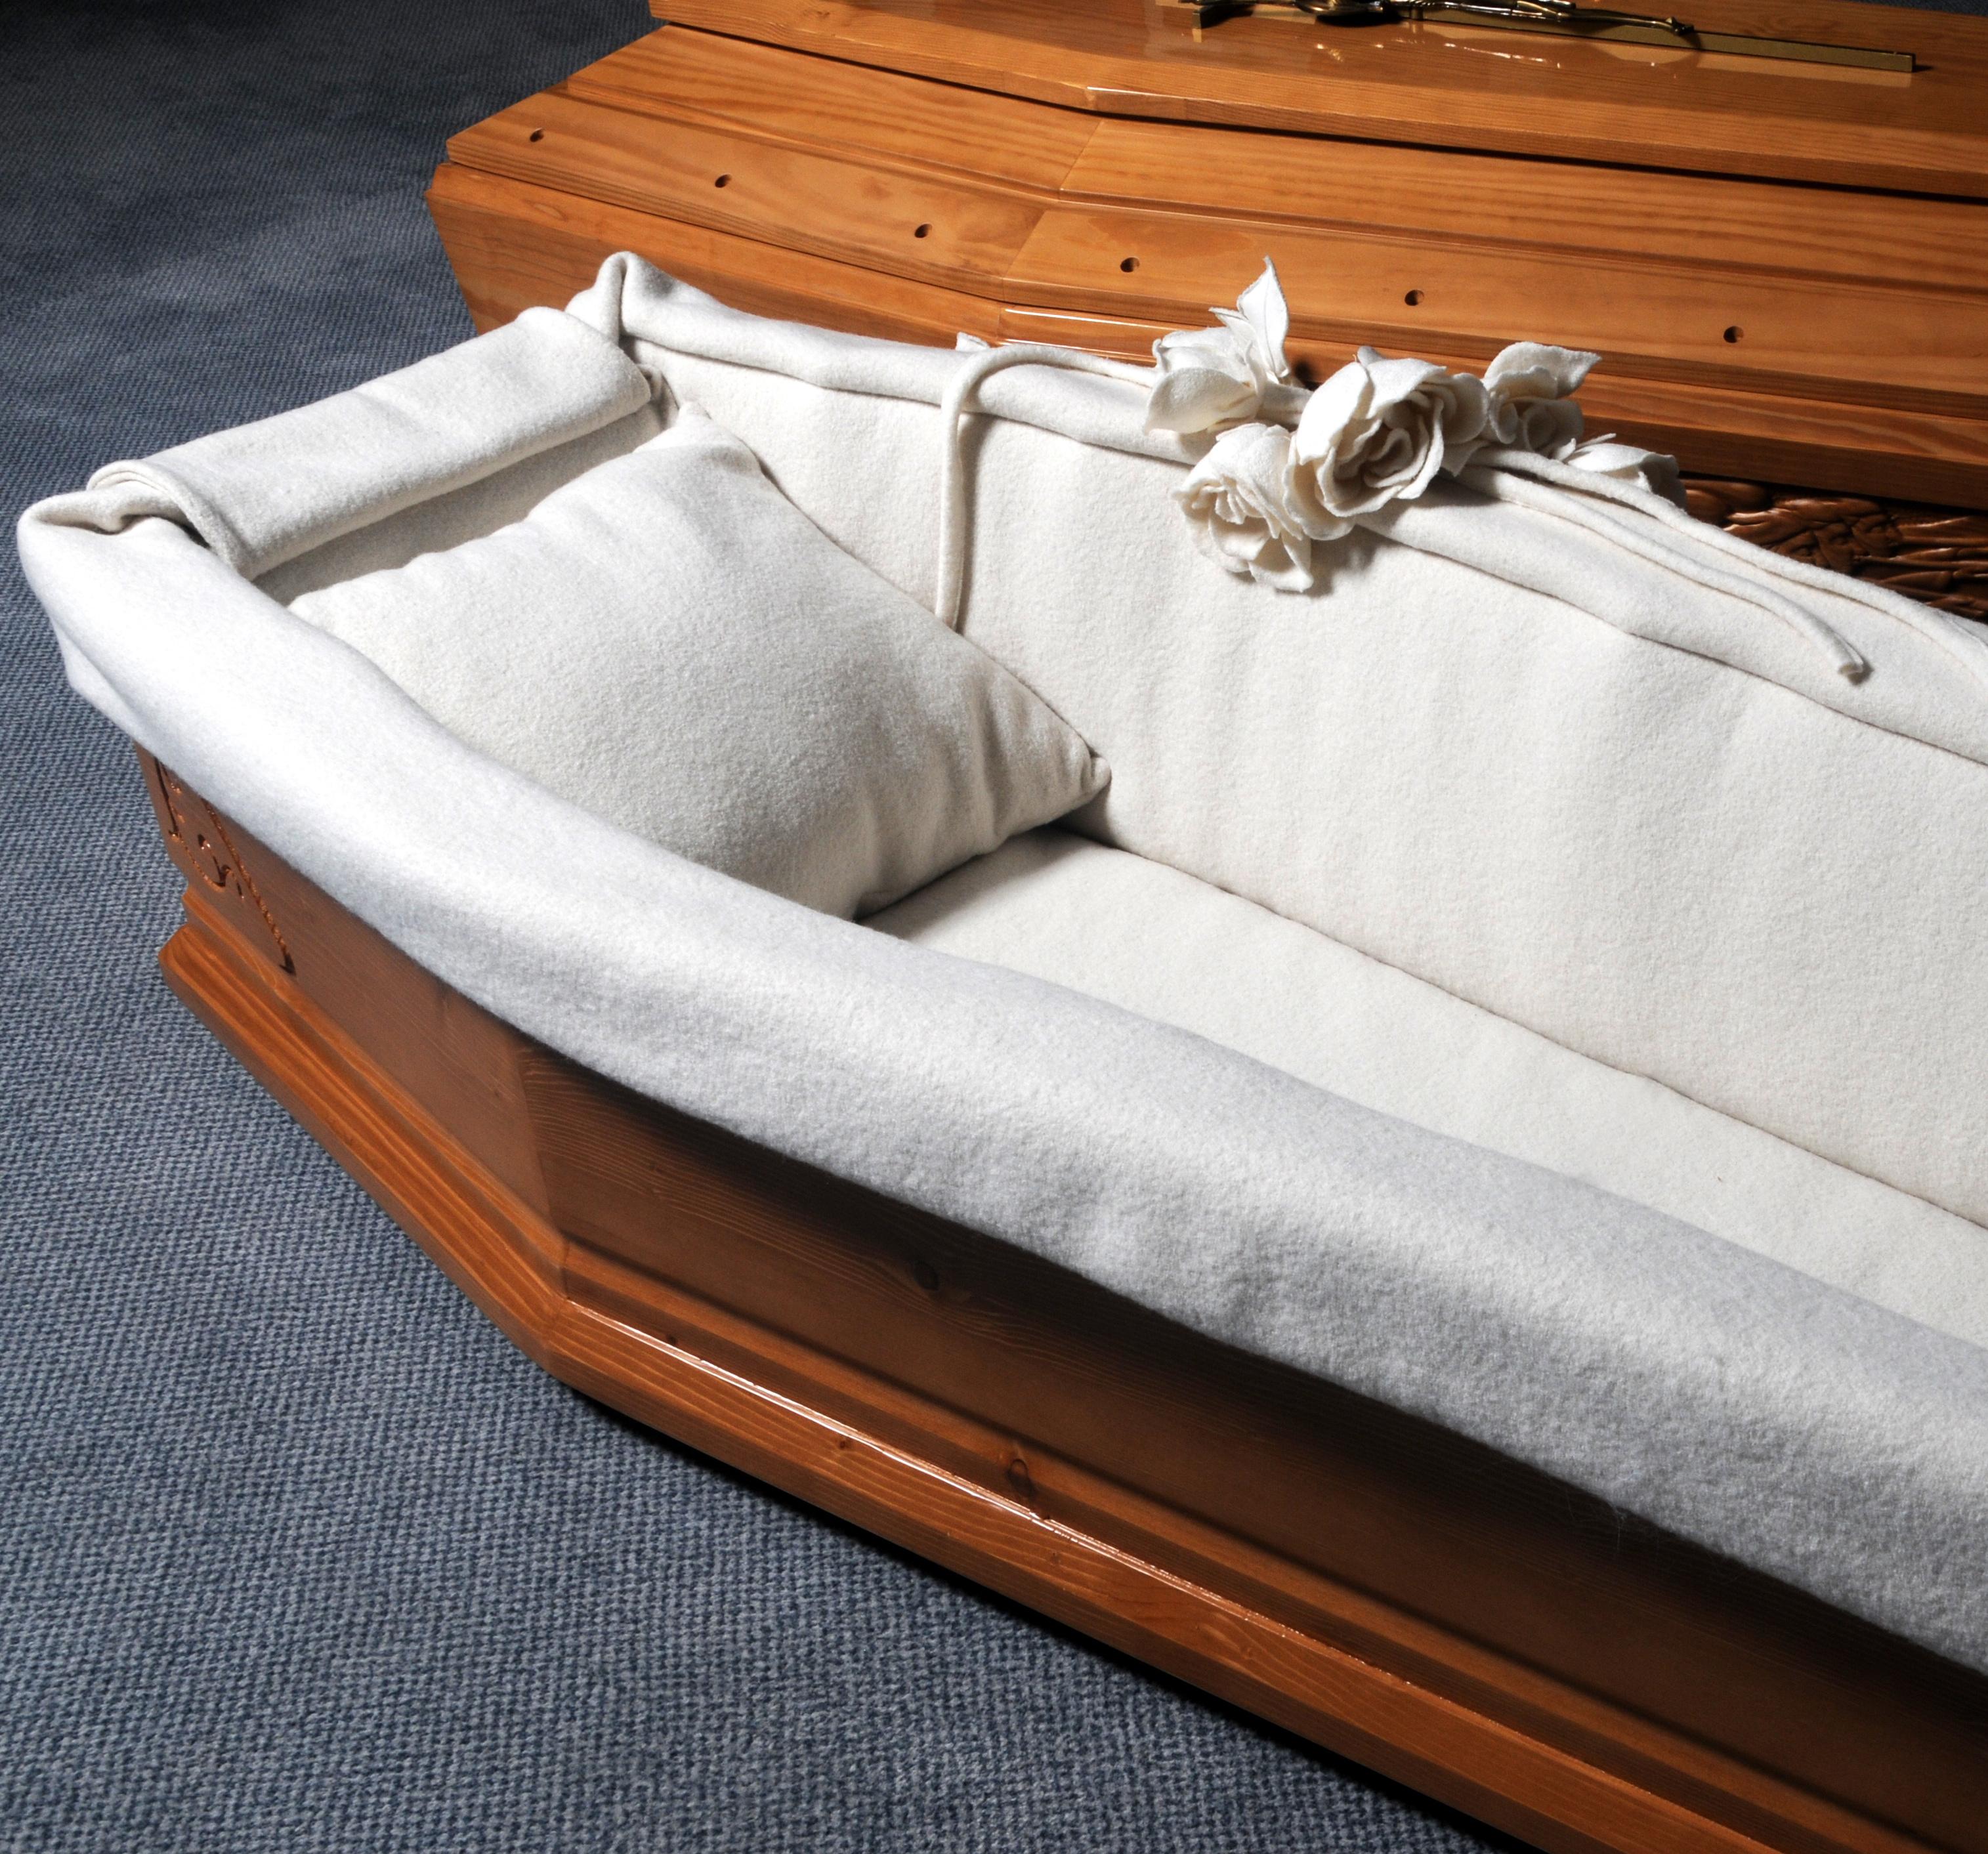 Les arts funéraires, capitons et cercueils